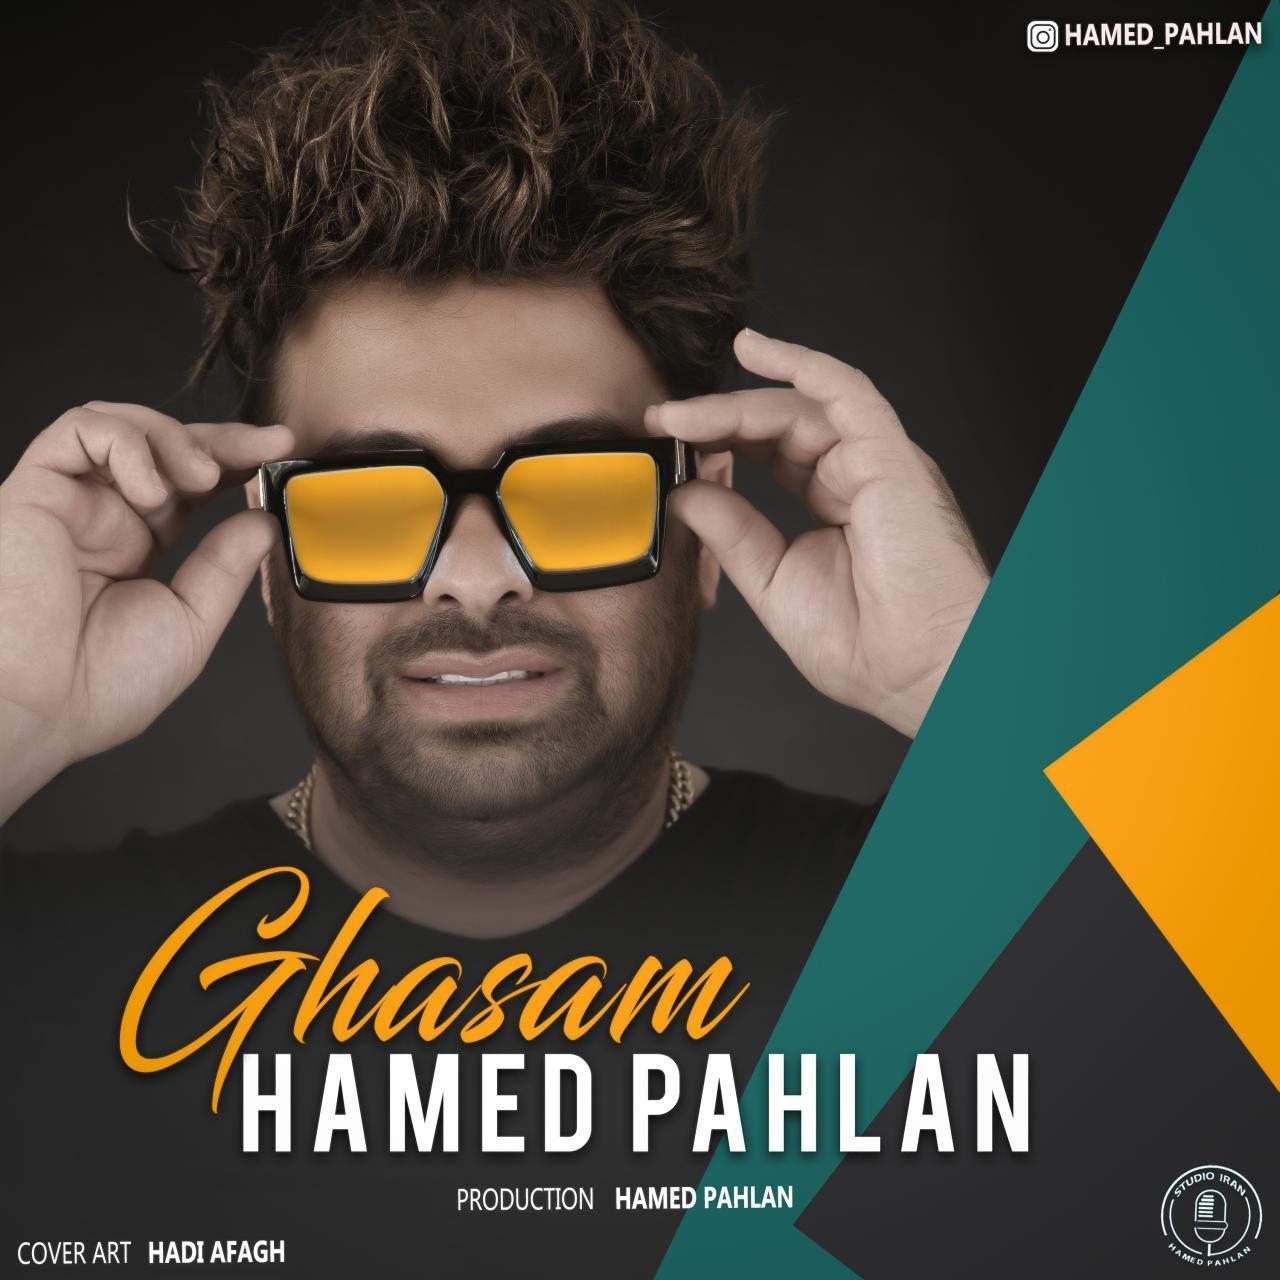 Hamed Pahlan – Ghasam